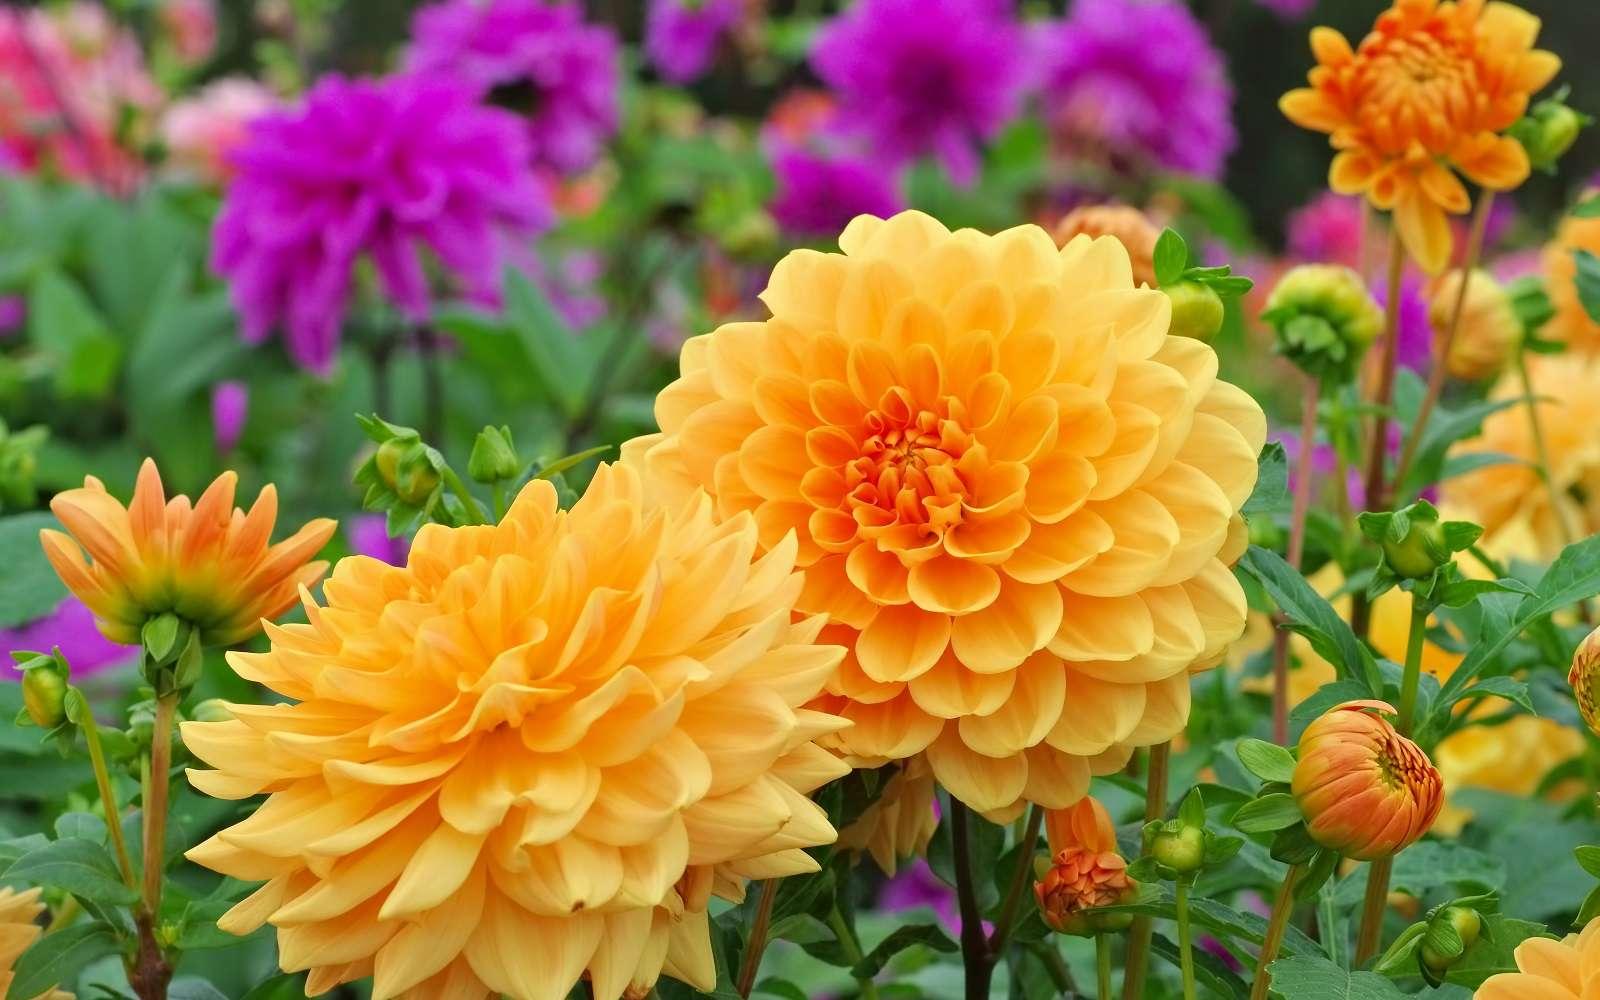 Magnifique floraison de dahlias. © LianeM, Adobe Stock